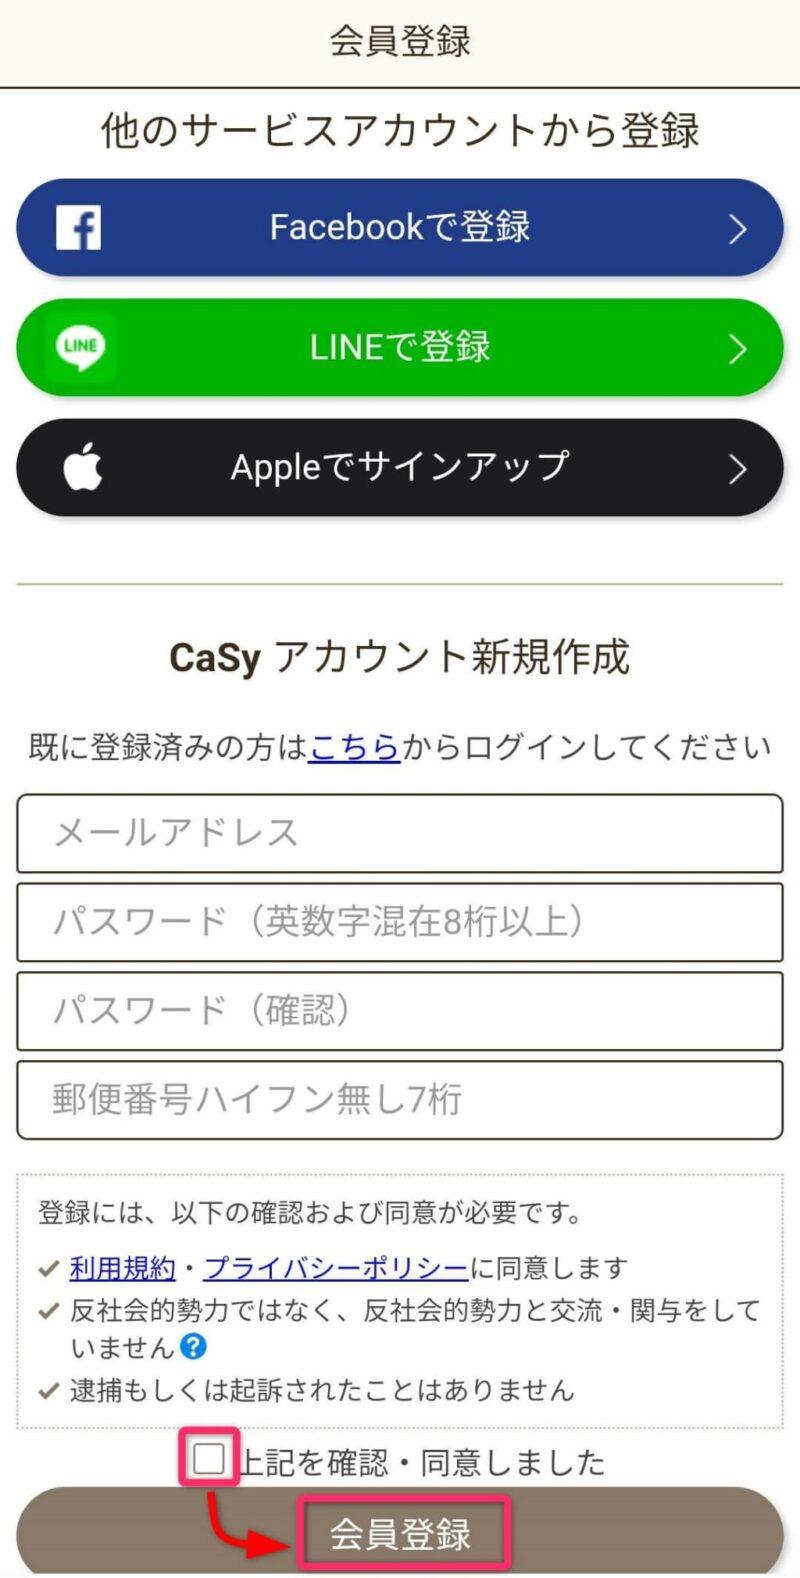 Casyアプリのダウンロード・会員登録 画面4